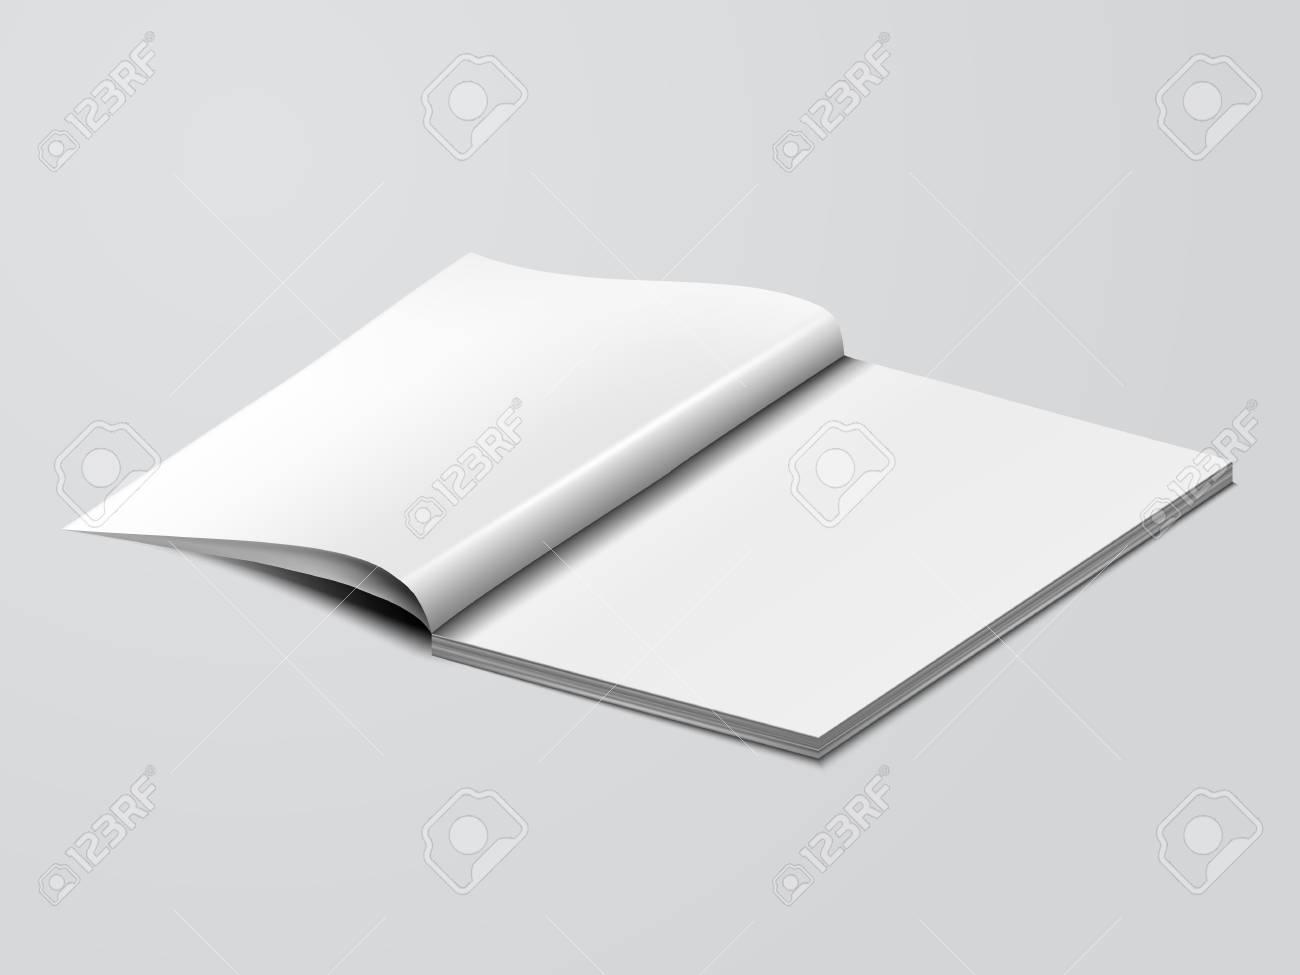 Charmant Buch Platten Vorlage Galerie - Entry Level Resume Vorlagen ...